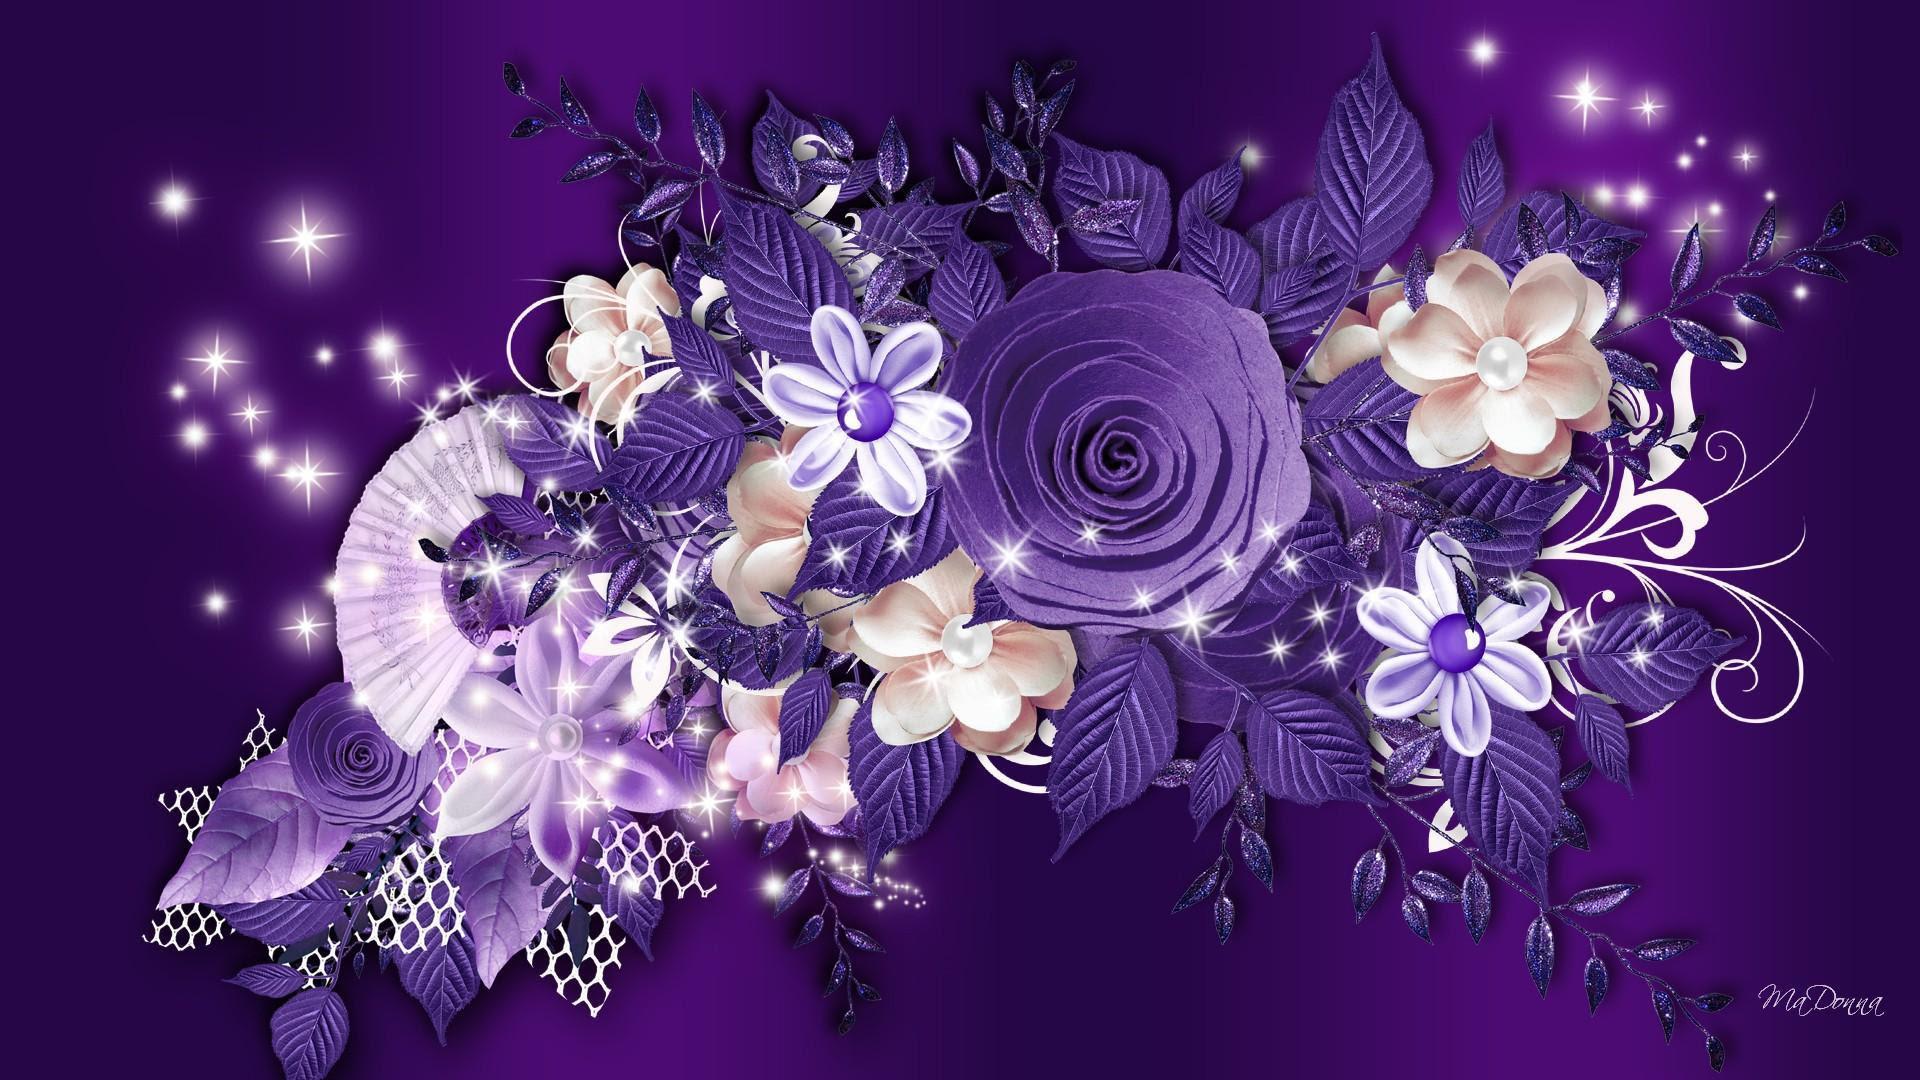 Purple Roses Background Wallpaper - WallpaperSafari